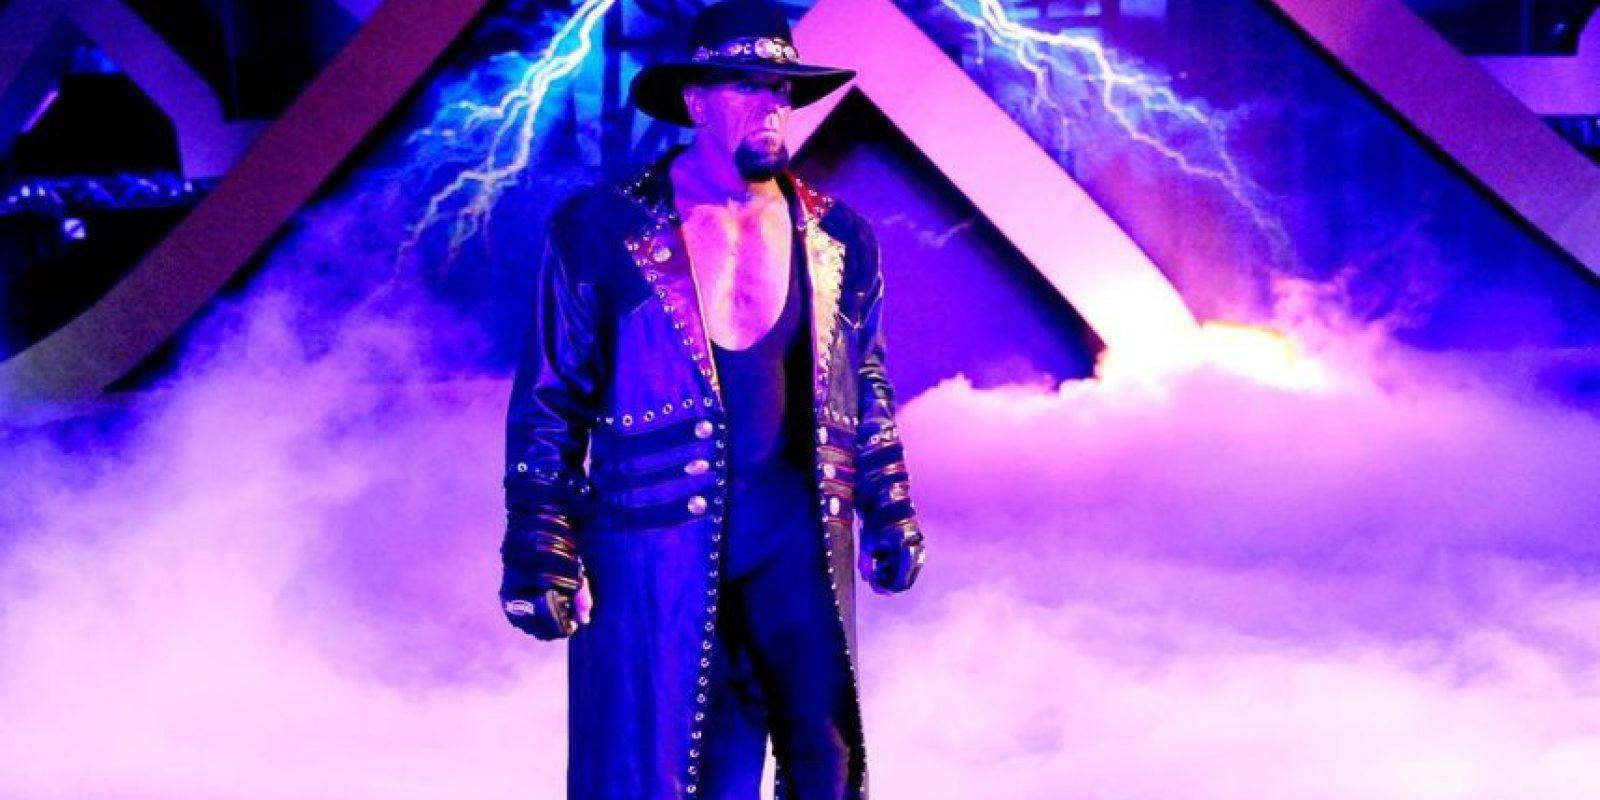 """Dentro y fuera de los cuadriláteros, """"Taker"""" mantiene una personalidad oscura Foto:WWE"""